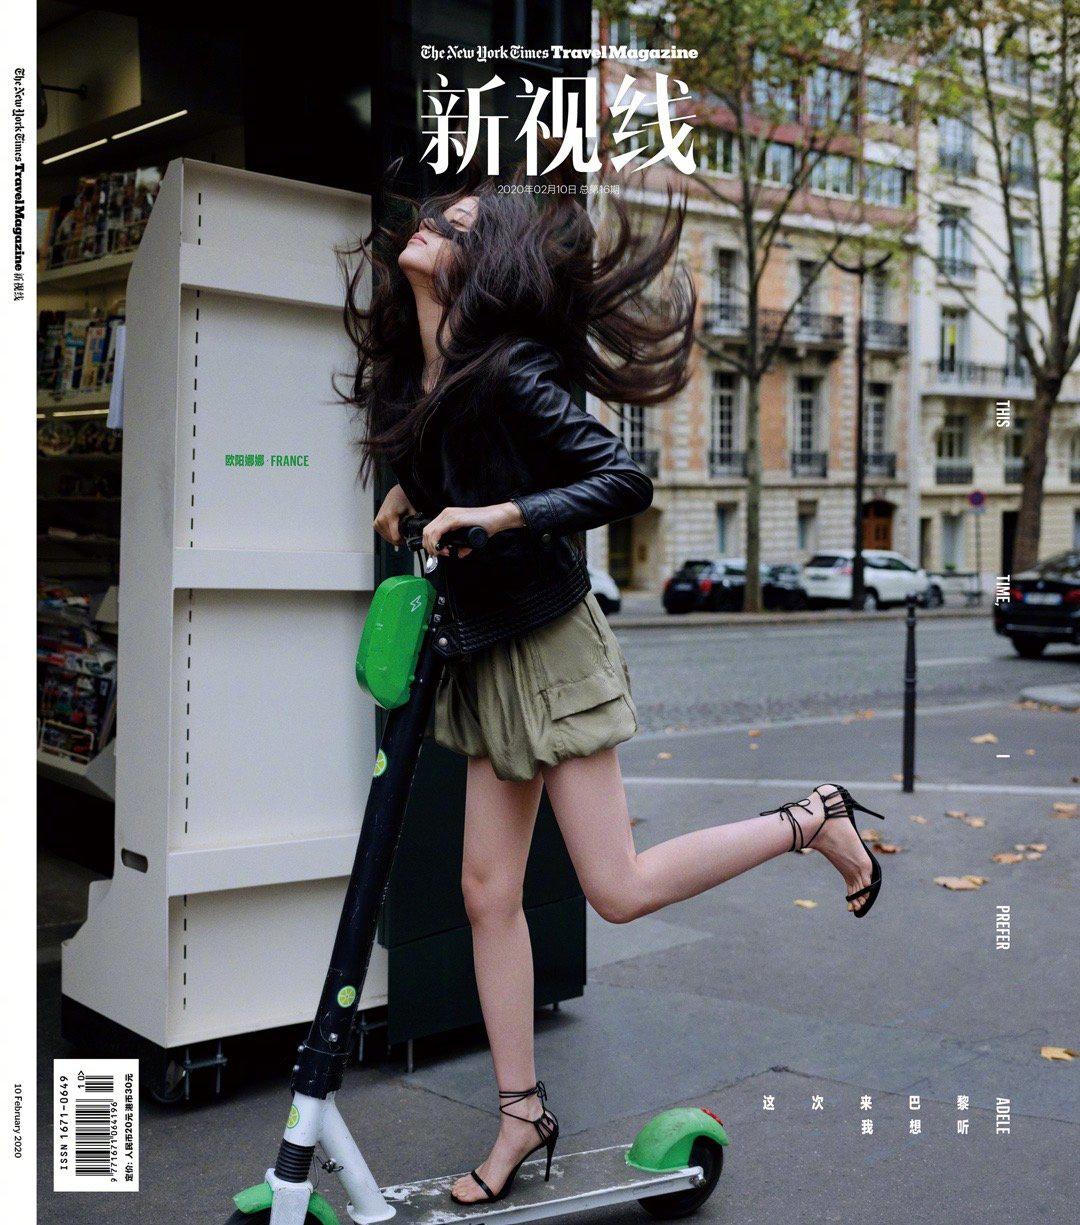 欧阳娜娜齐刘海外型登封 重回巴黎探寻成长之路